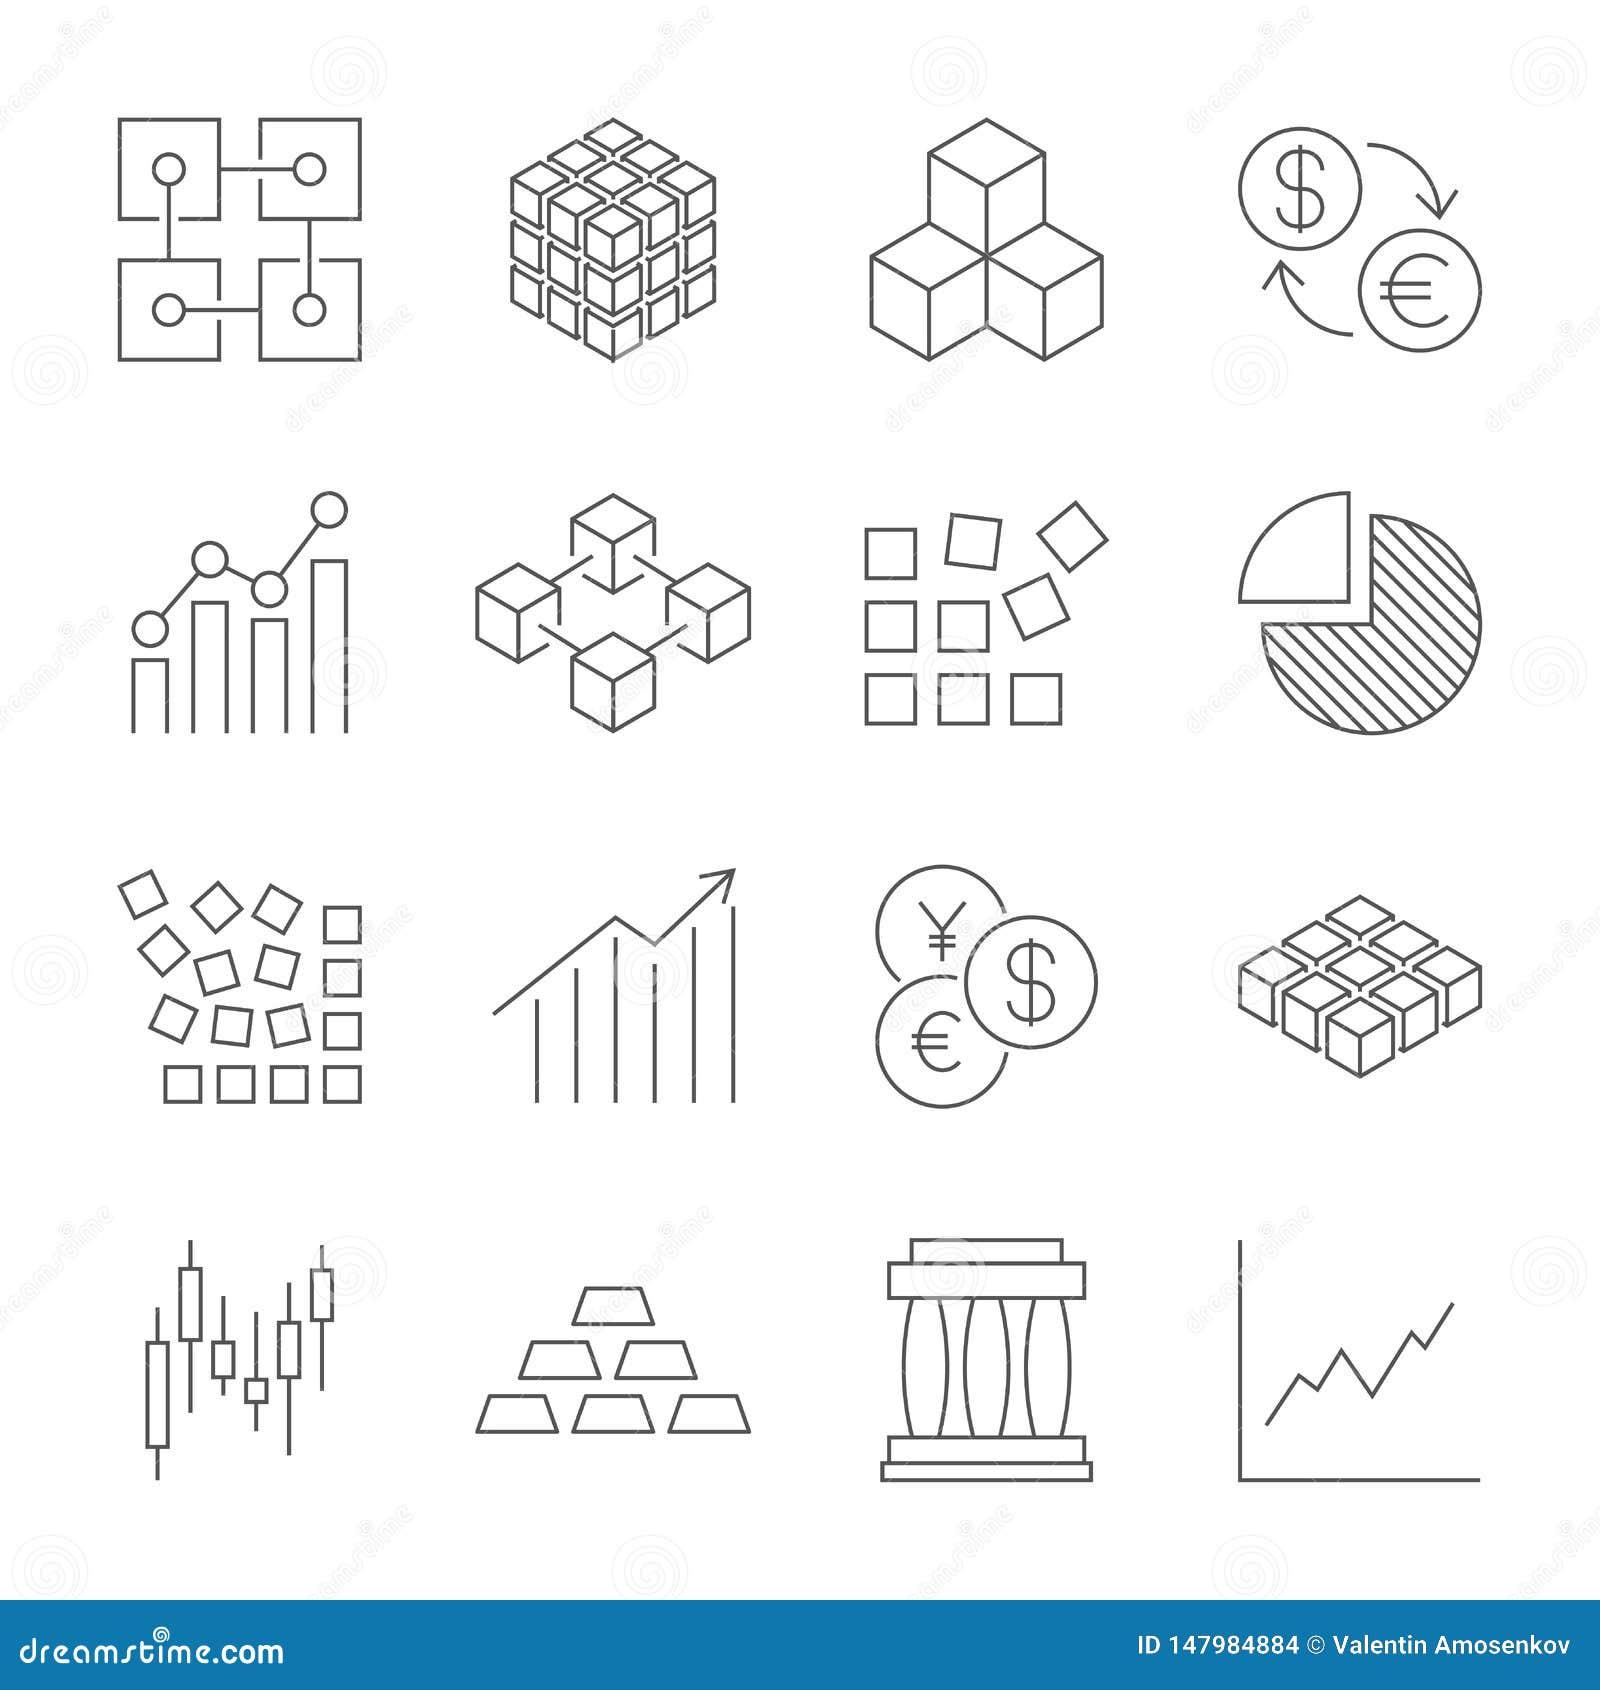 Markt-Handelsikonen-Satz Vektorlinie Ikonen Enthält Ikonen wie Börse, Handel, Geldumtausch